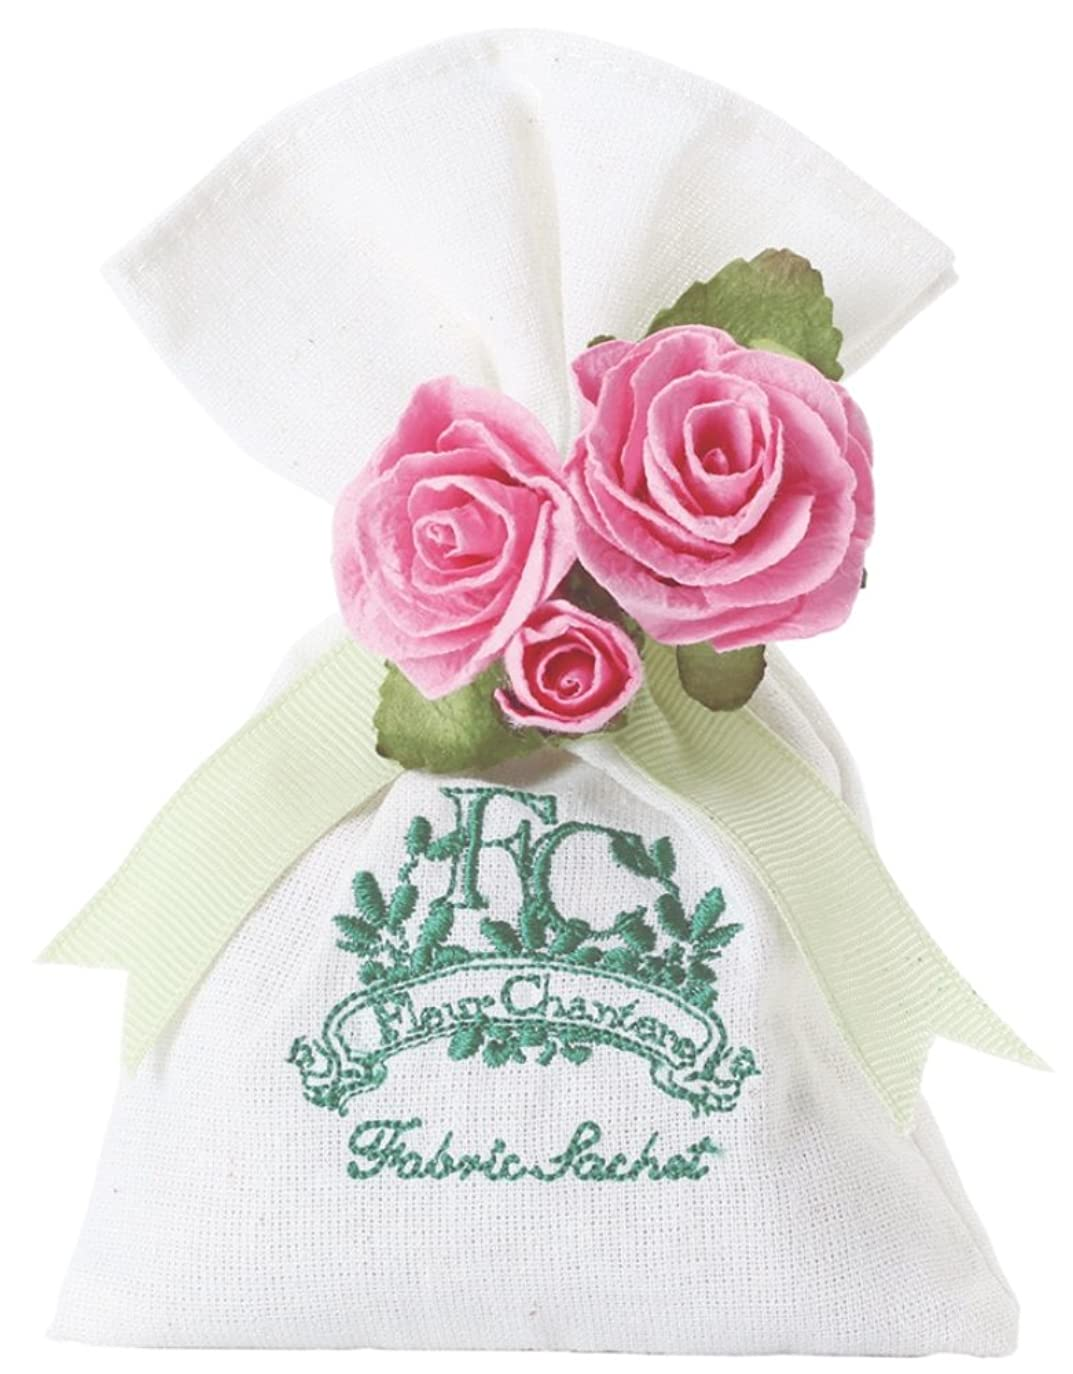 ジムスーツケースと遊ぶ芳香剤 フルールシャンテ カルム ファブリックサシェ スウィートローズ OA-RZS-3-2